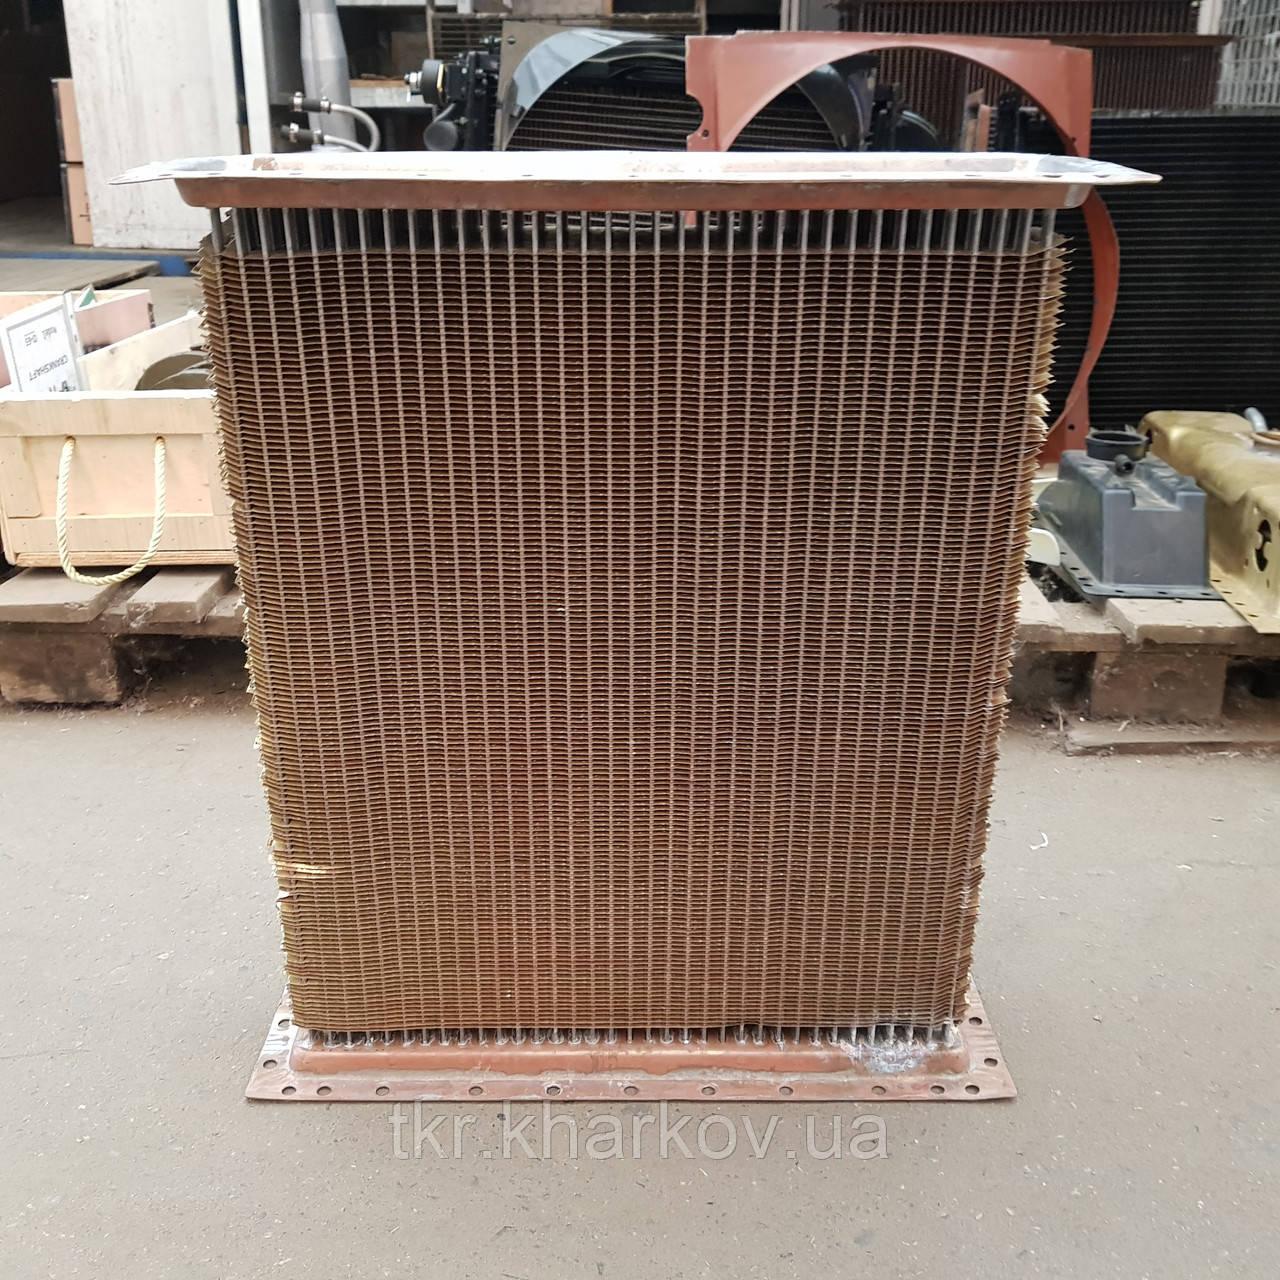 Серцевина радіатора МТЗ 80-82 5-х рядна латунь 70У-1301.020 вир-во Білорусь